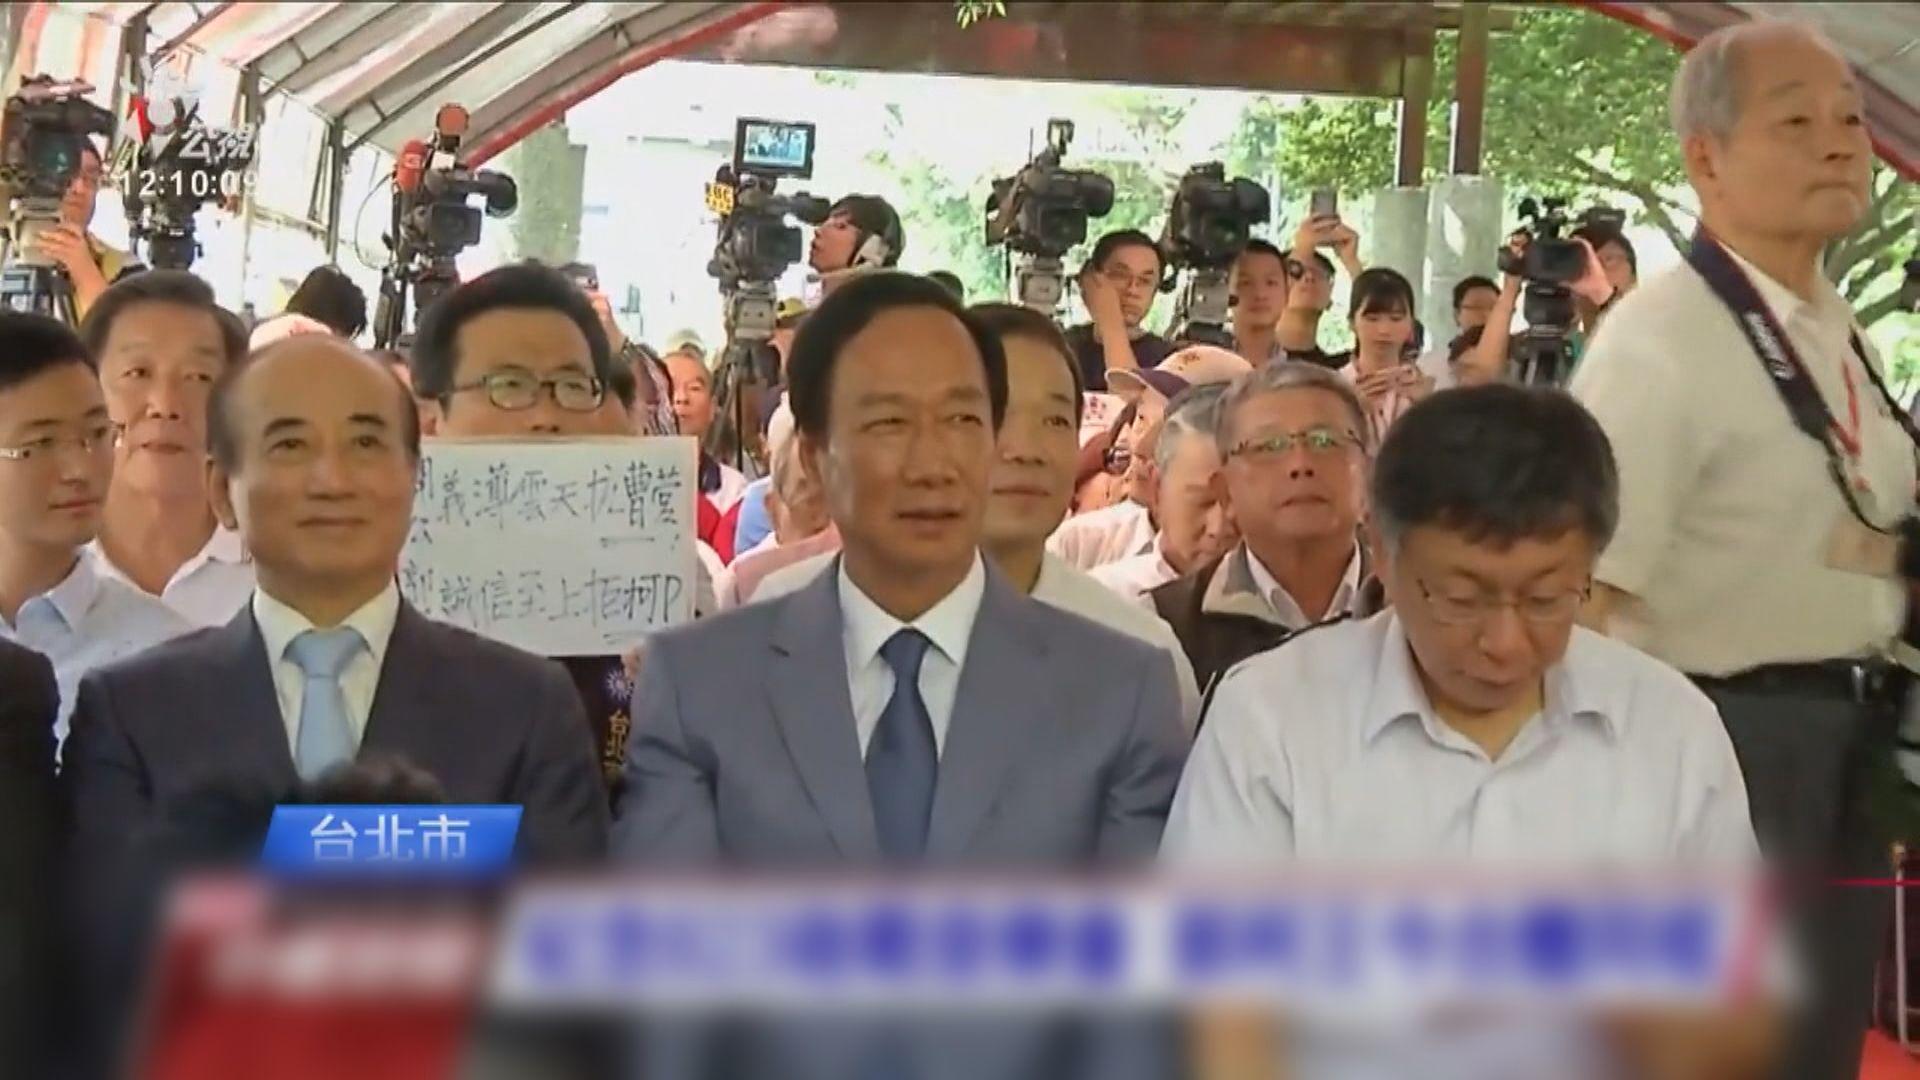 郭台銘:正在做一件翻轉中華民國命運的大事